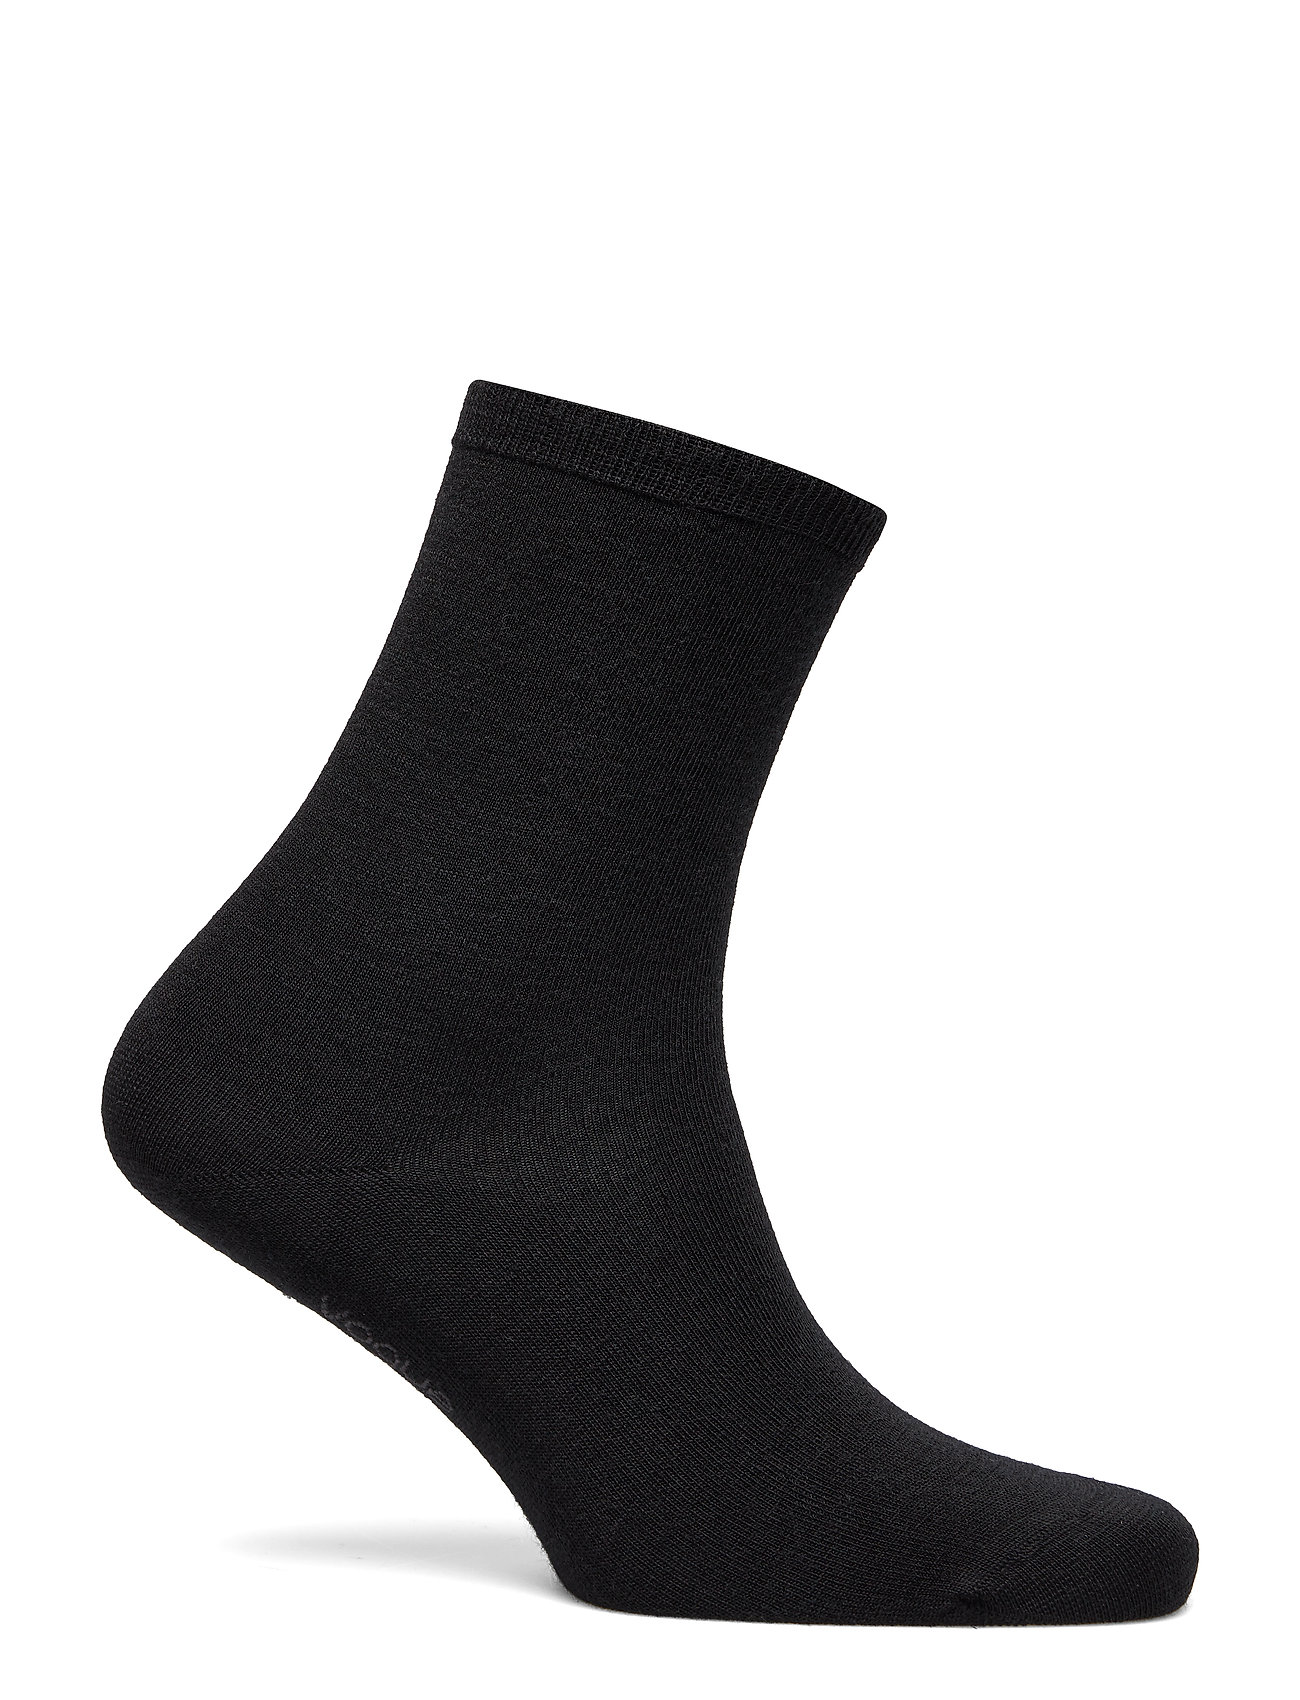 Vogue - Ladies anklesock, Plain Merino Wool Socks - strumpor - black - 0